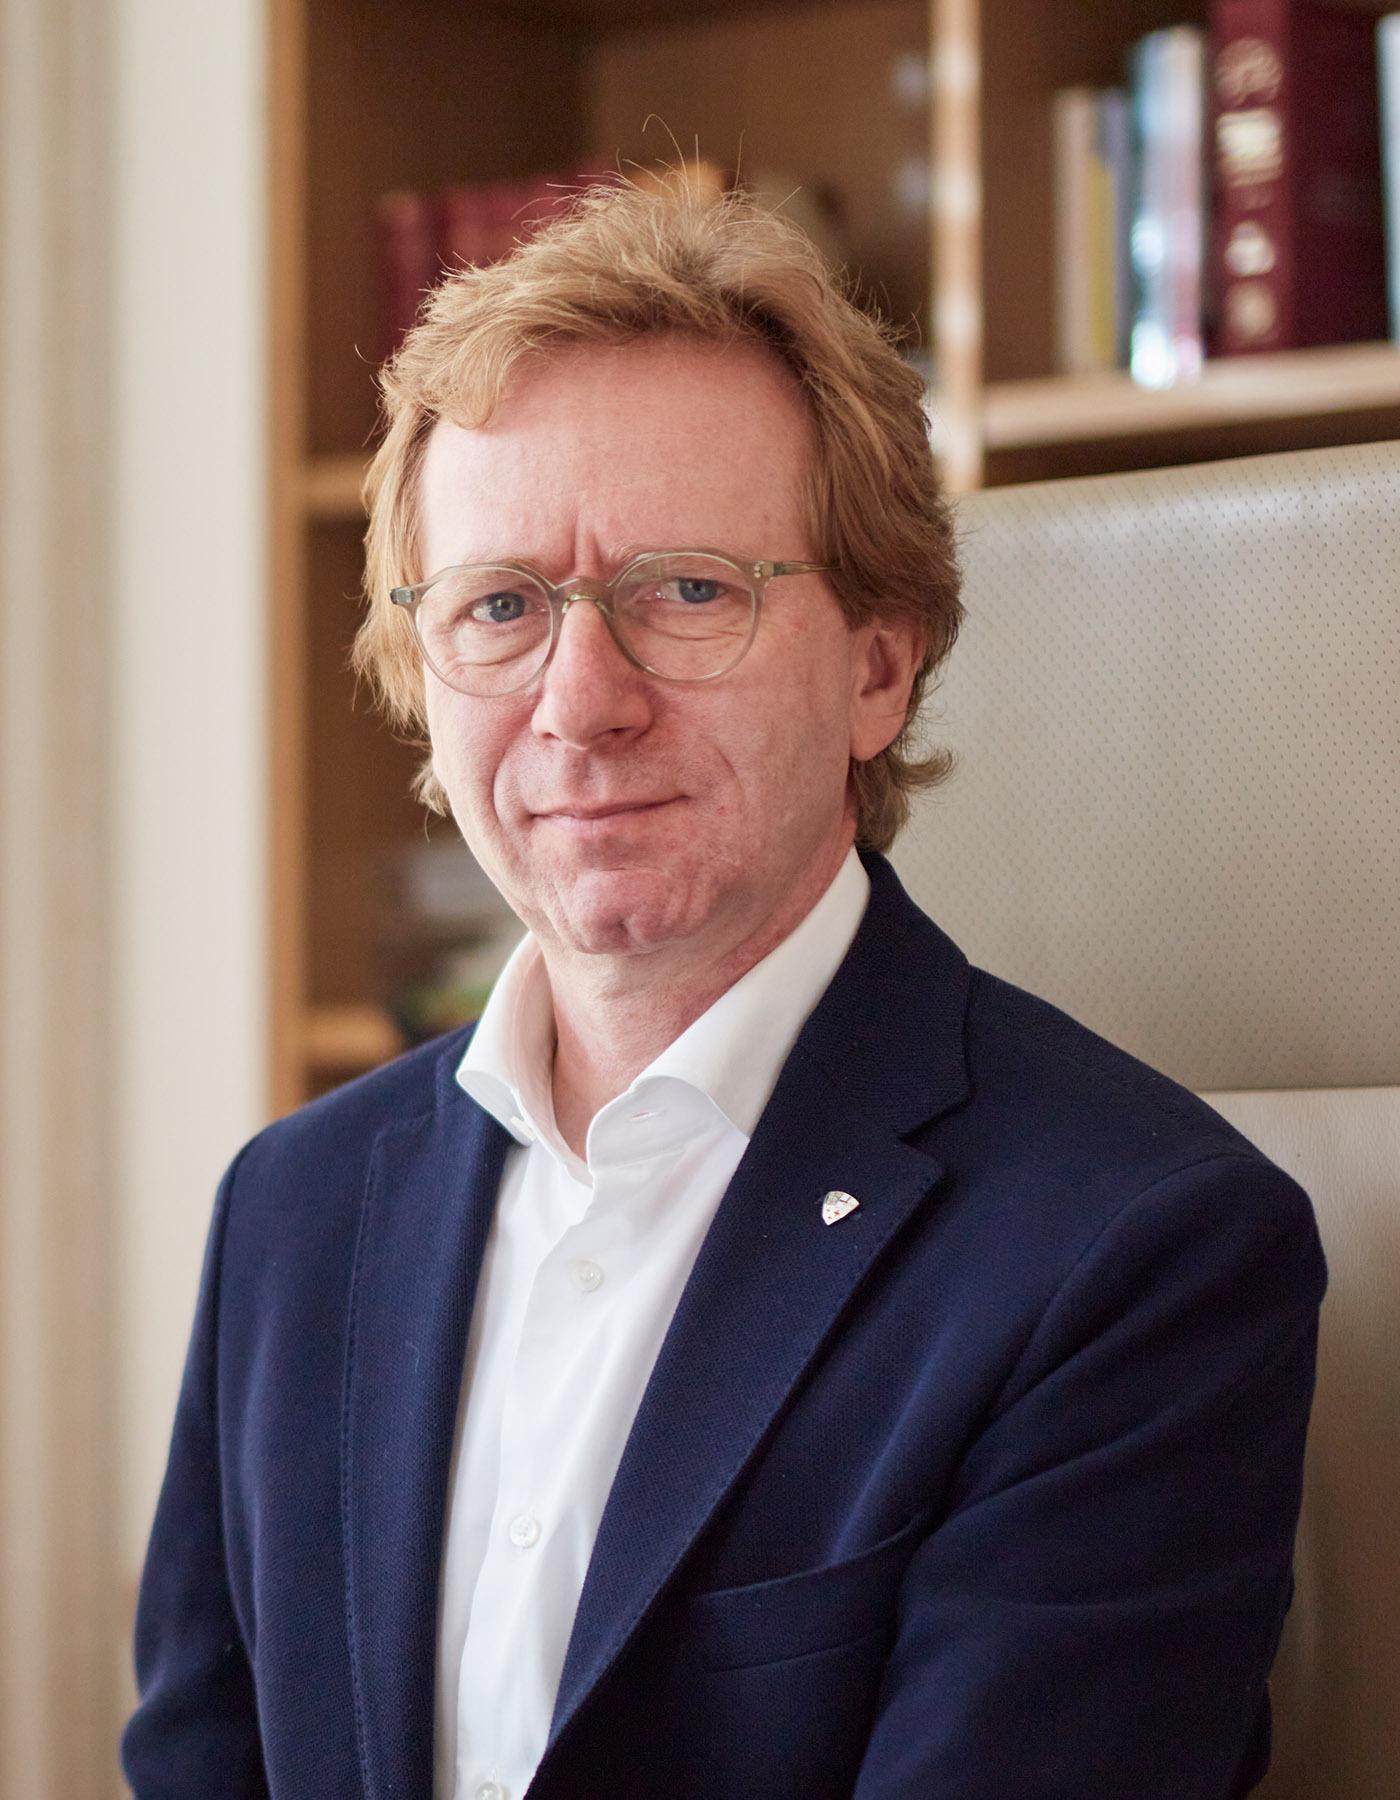 Dr. Peter Brodner